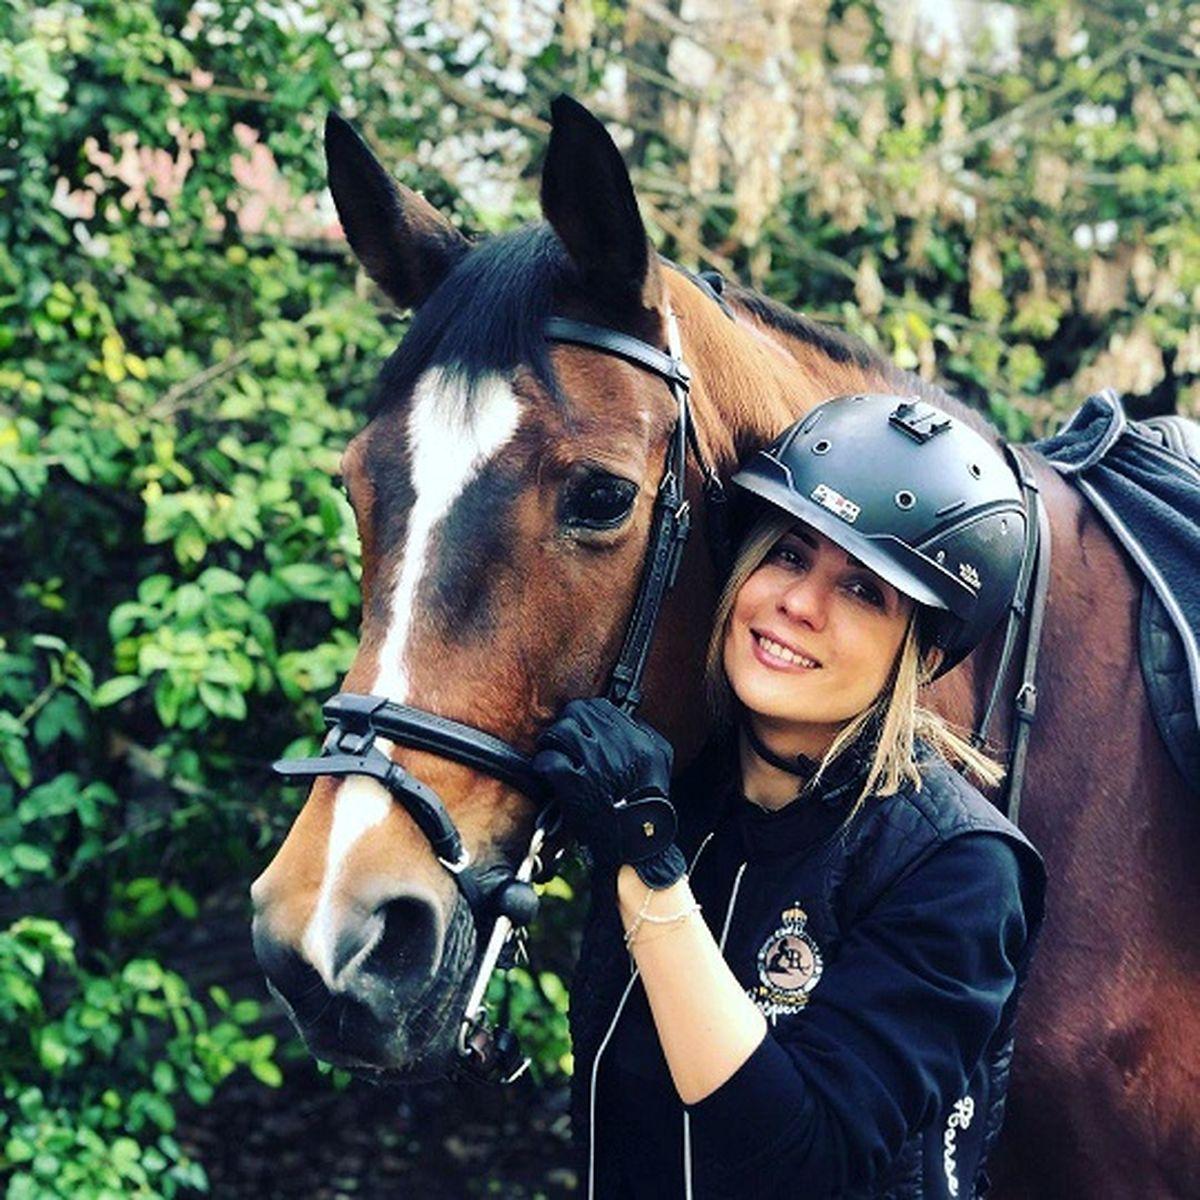 سارا بهرامی بدون حجاب در حال اسب سواری! +عکس